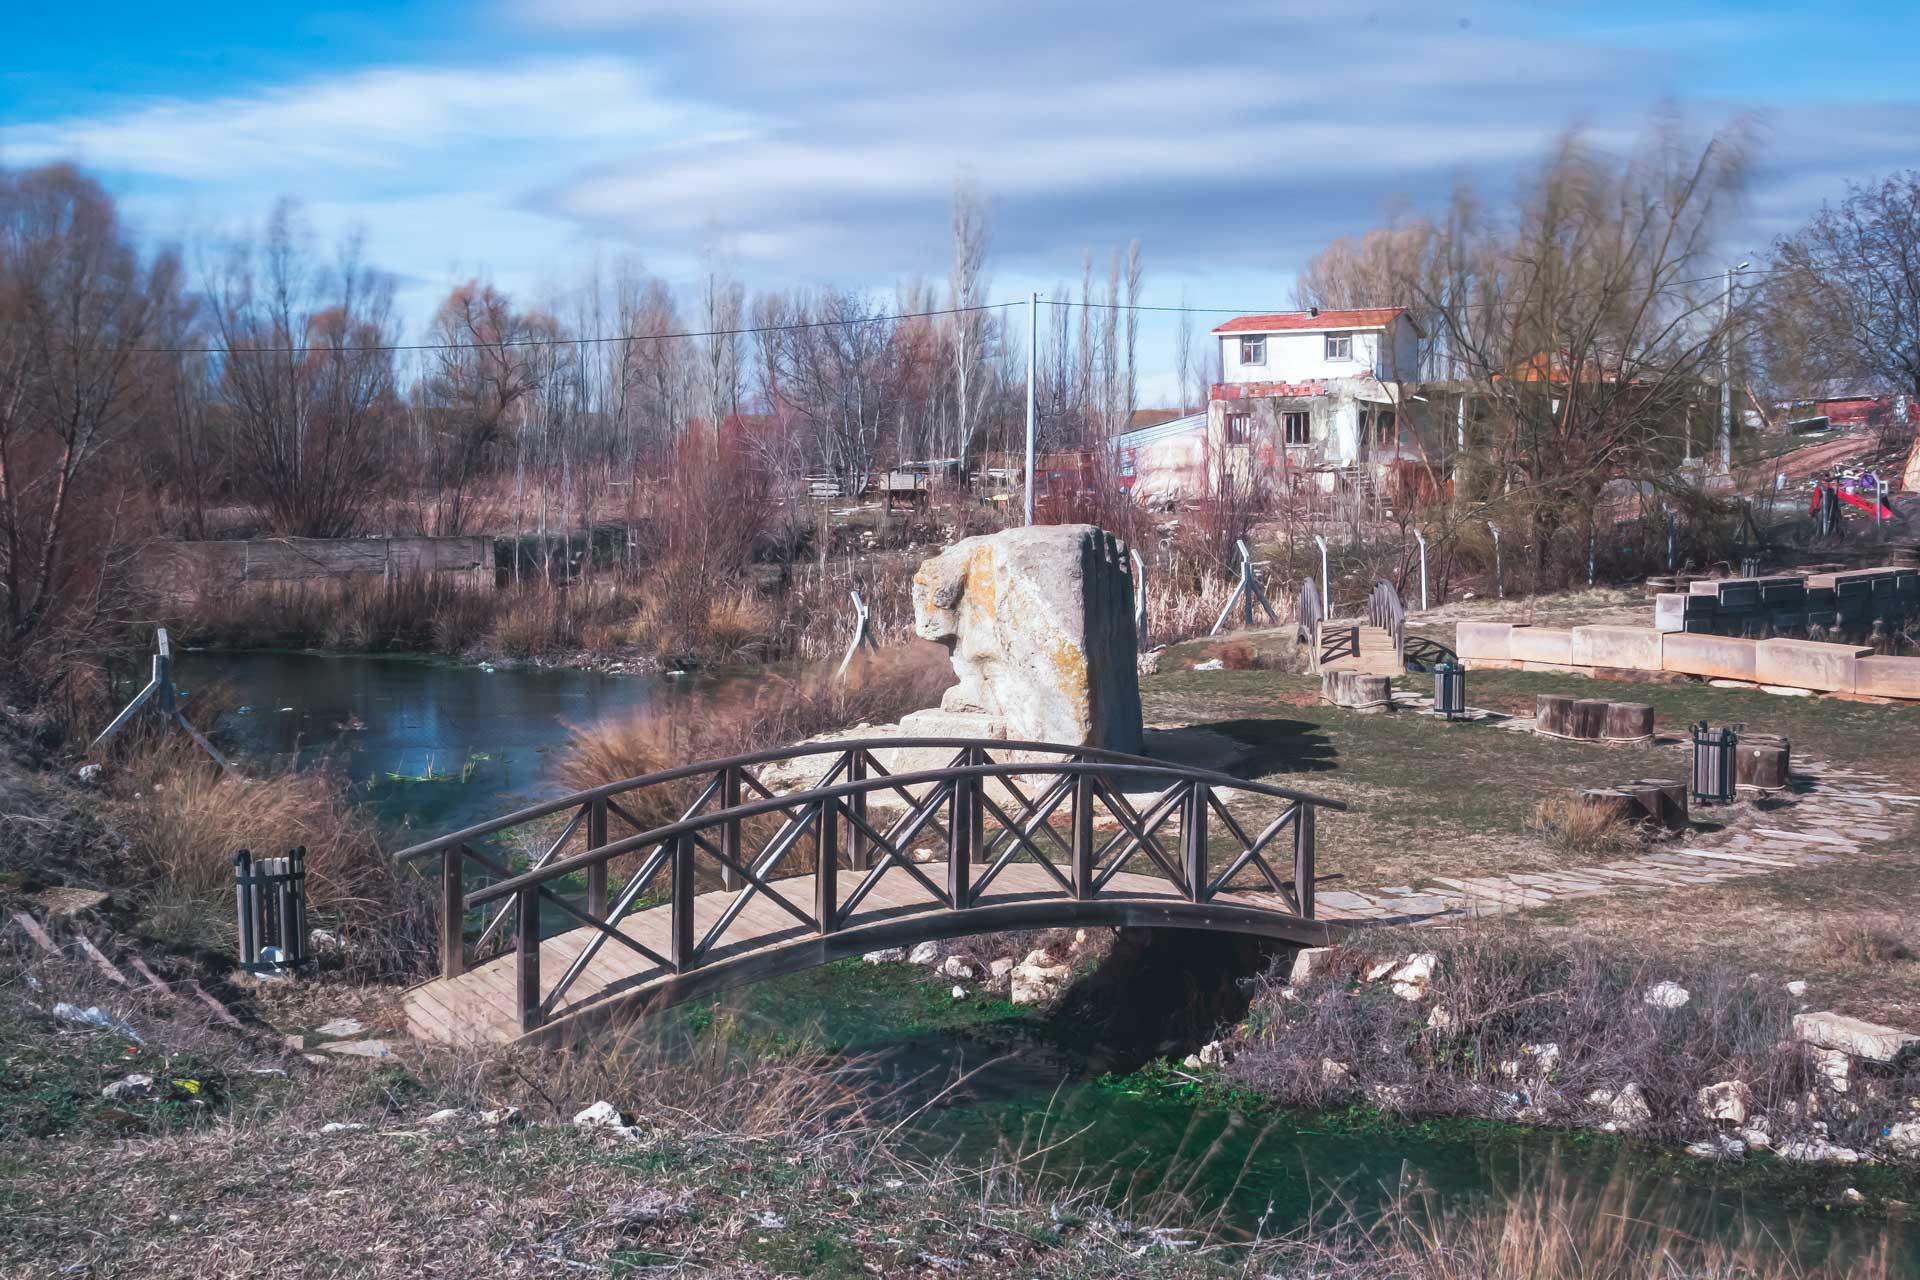 Eflatunpınarı Hitit Su Anıtı Beyşehir Gezilecek Yerler Konya Çekergezer Hakan Aydın Fotoğrafları Gezgin Fotoğrafçı